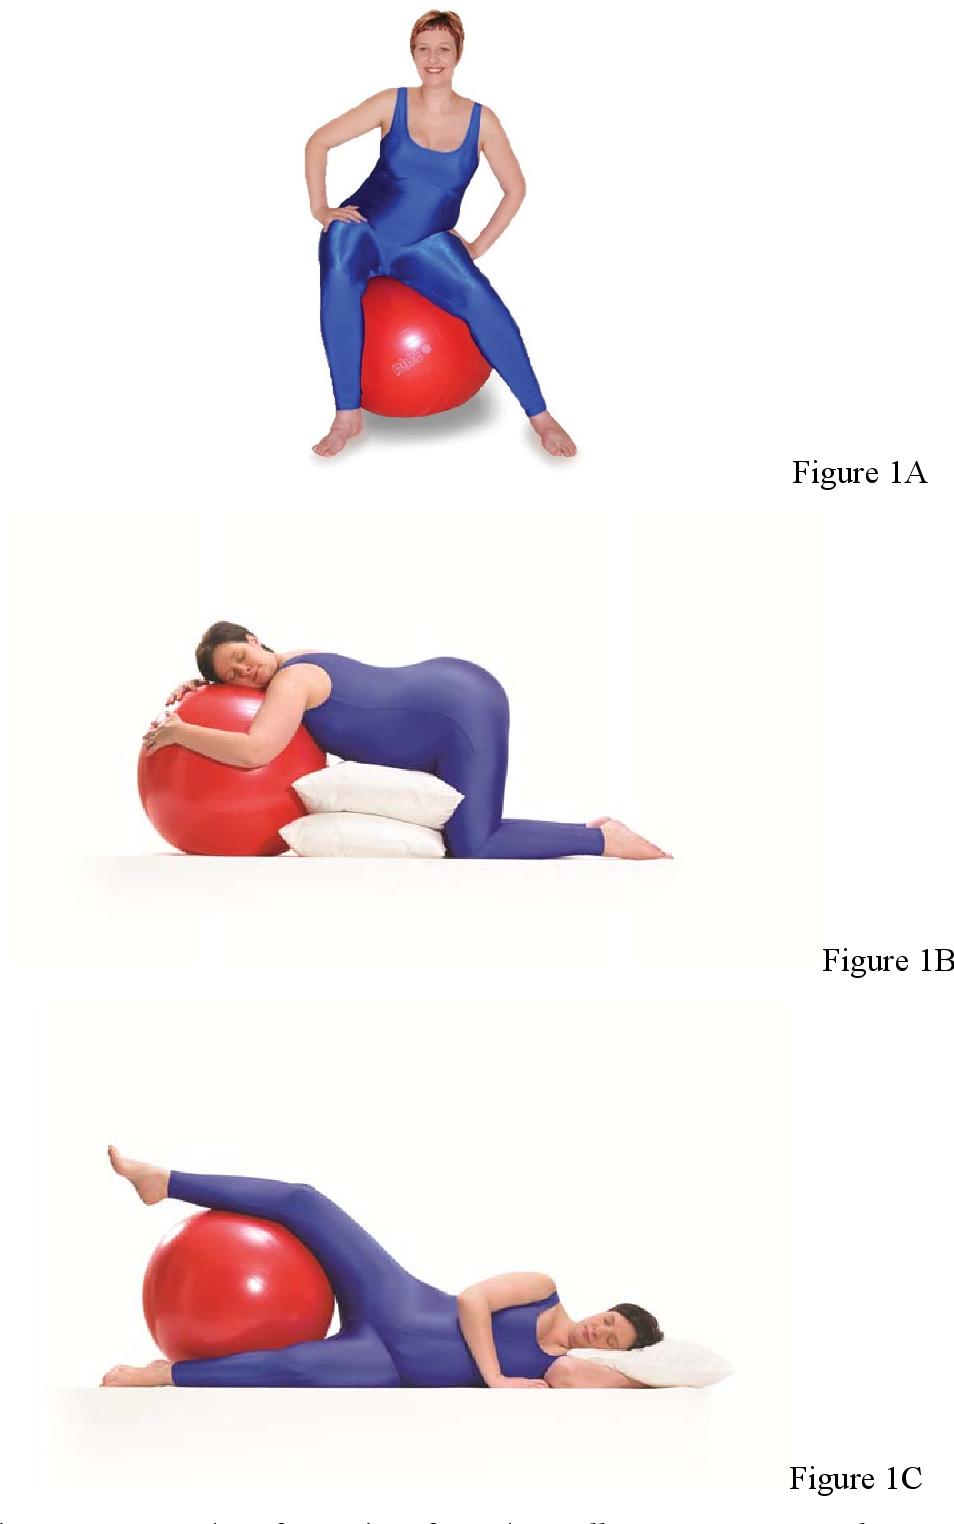 Figure 1 From L Effet De L Entrainement Avec Le Ballon D Exercice Pendant La Grossesse Sur L Accouchement Semantic Scholar